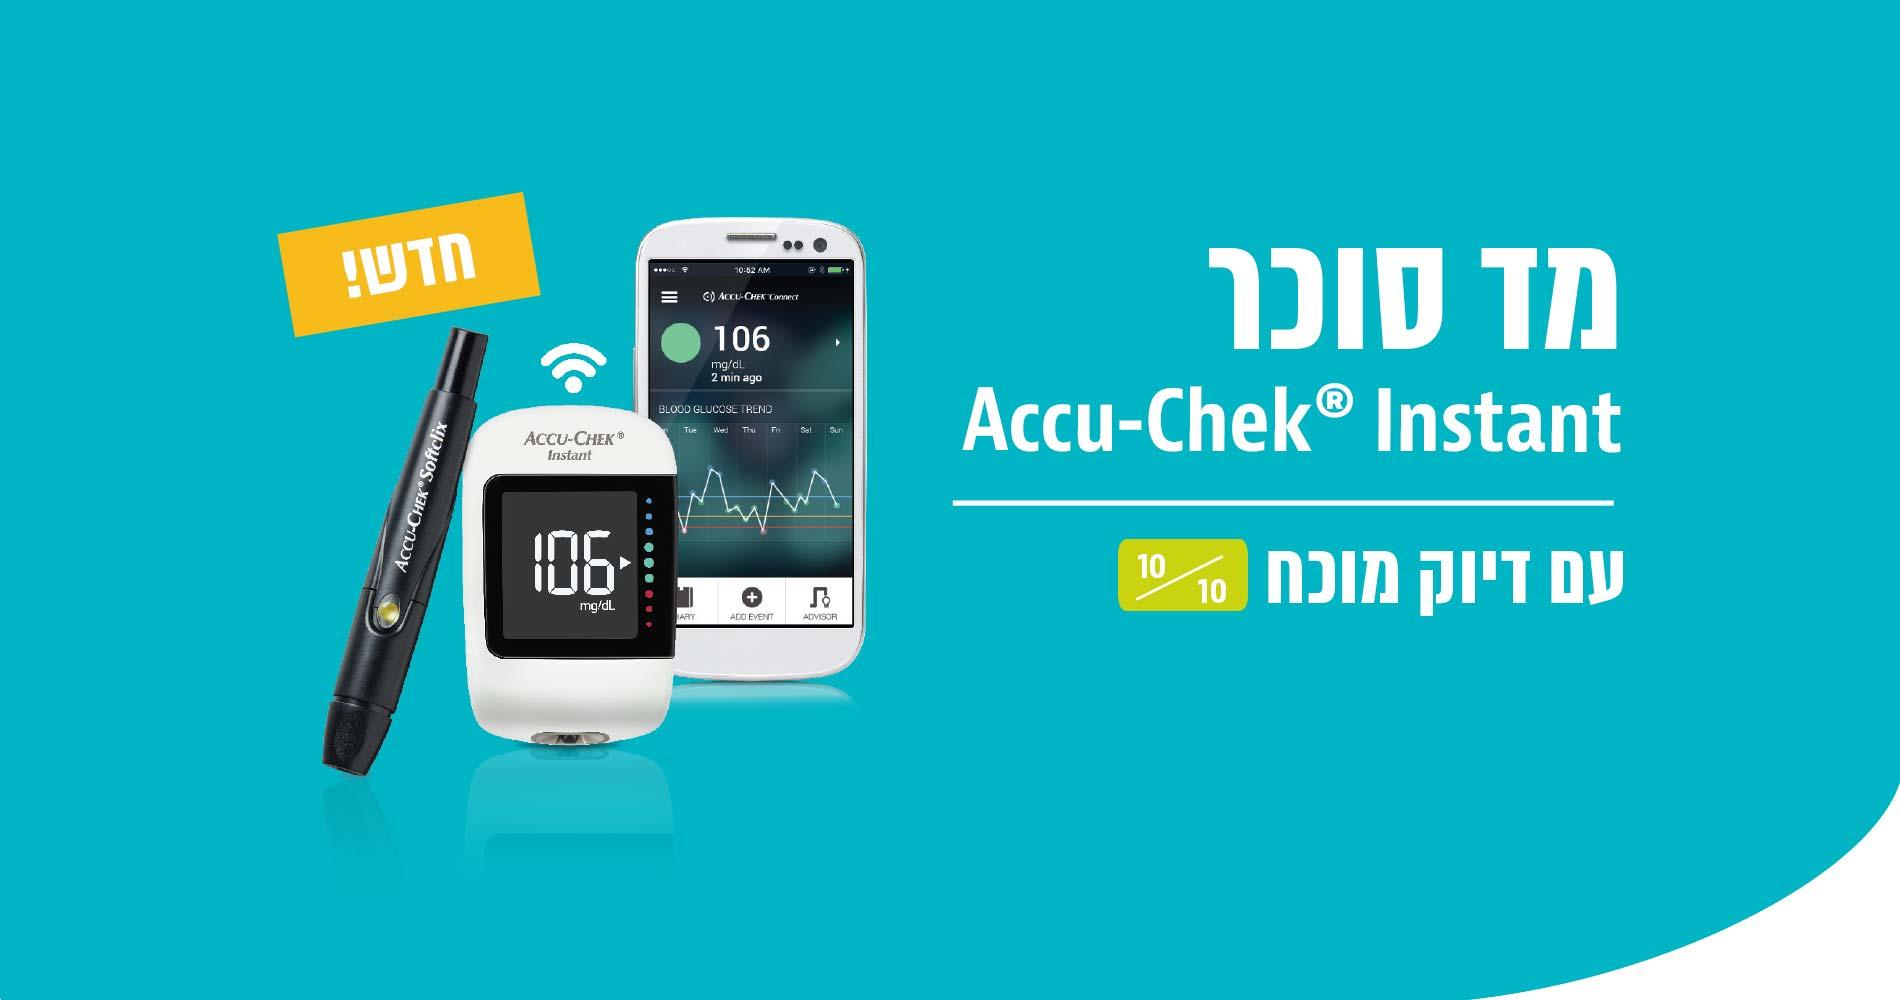 2020-166_PC_Accu-Chek-Instant_1900x1000px-2